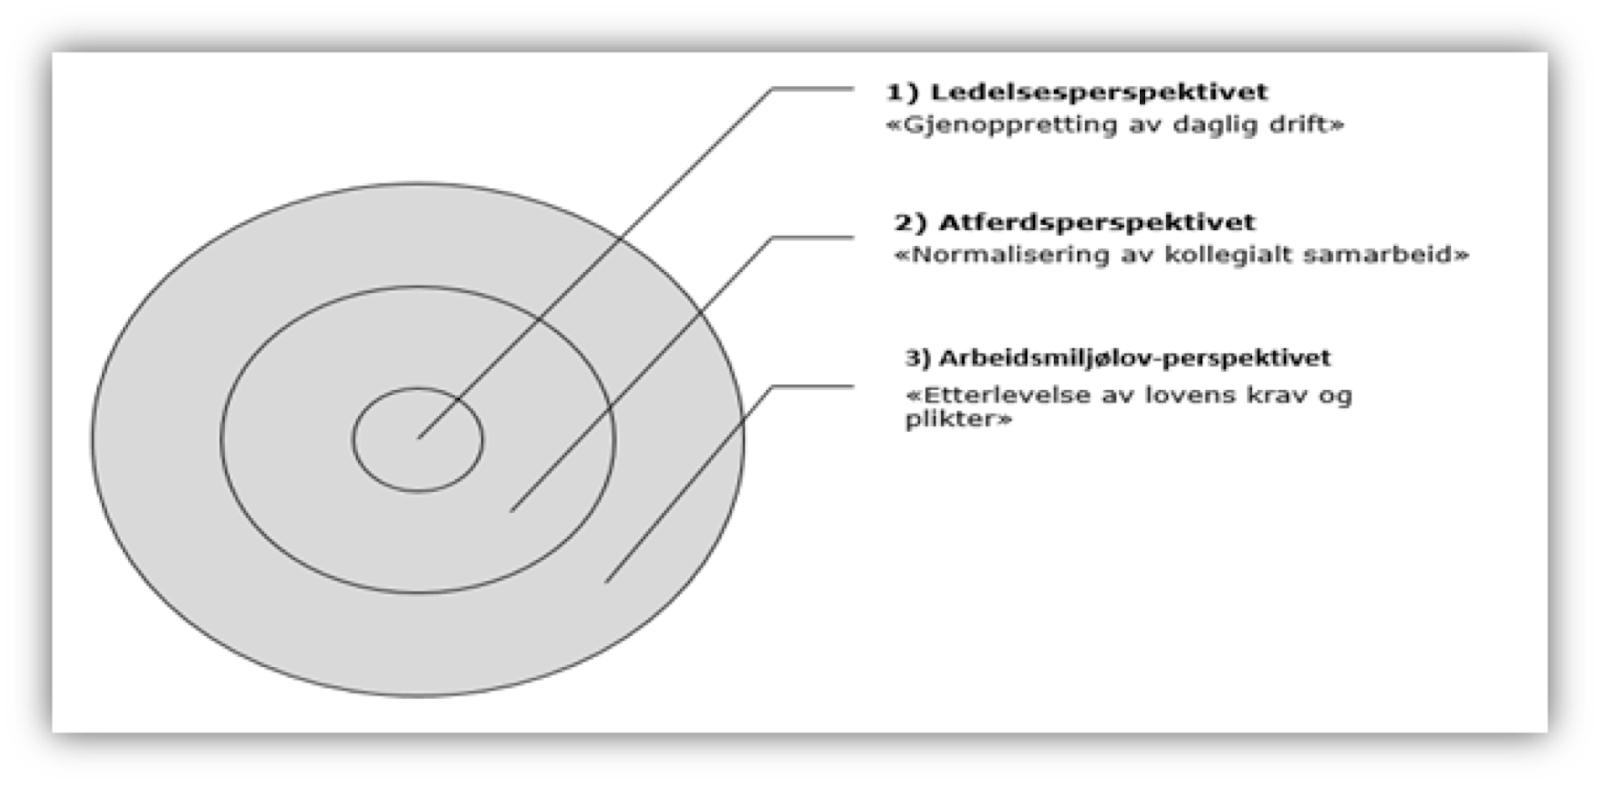 Modell Konfikthåndtering